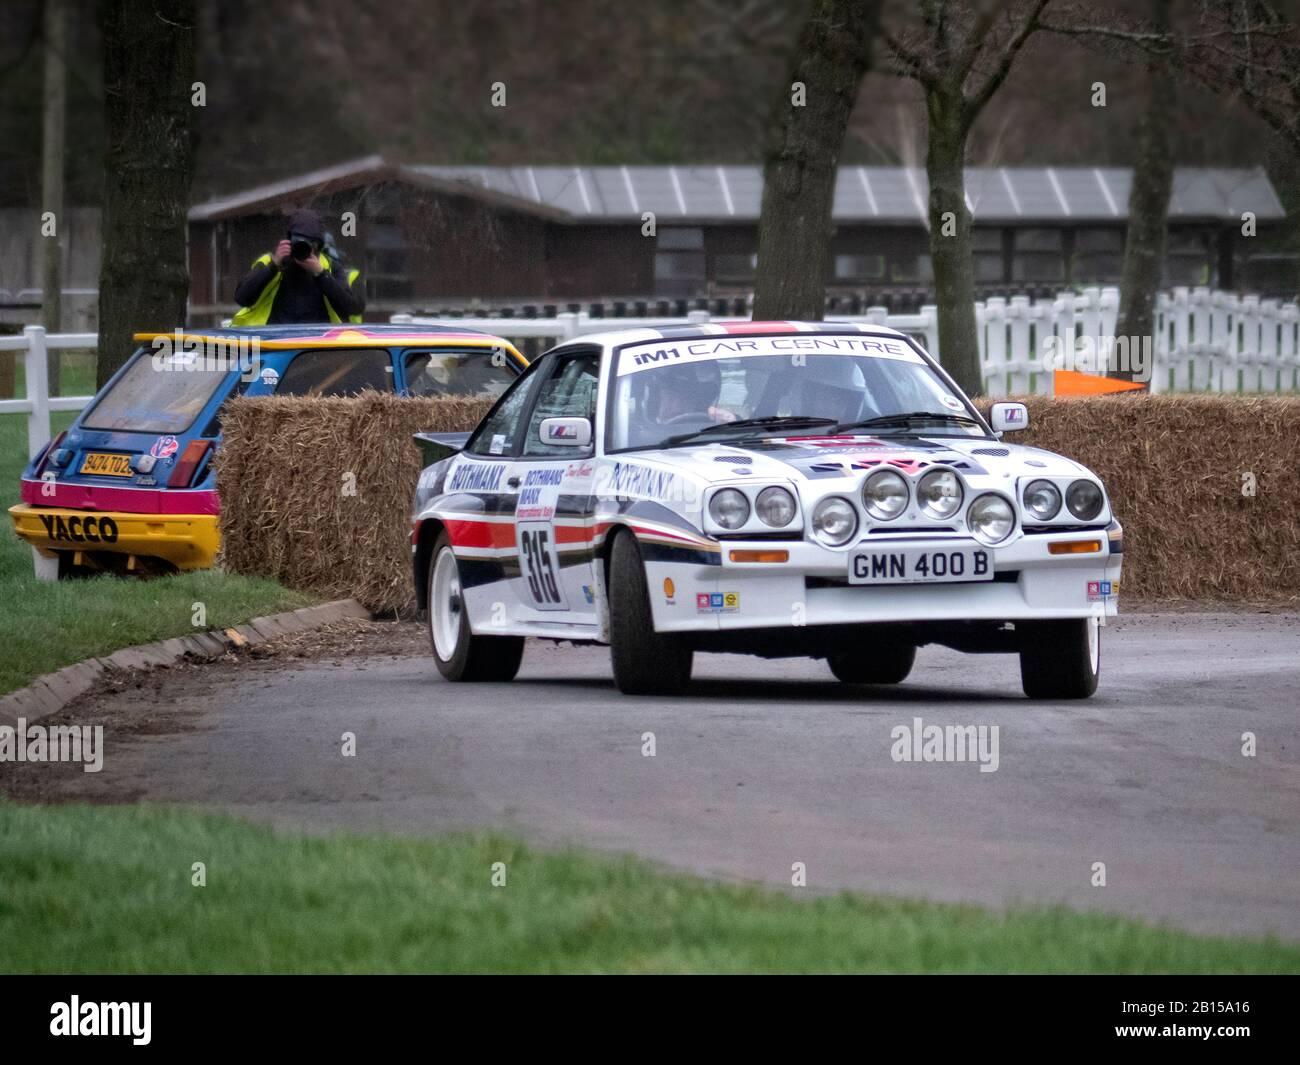 Opel Manta sur la scène du rallye au Race Retro Motorsport Show Stoneleigh Park Warwickshire Royaume-Uni. Banque D'Images